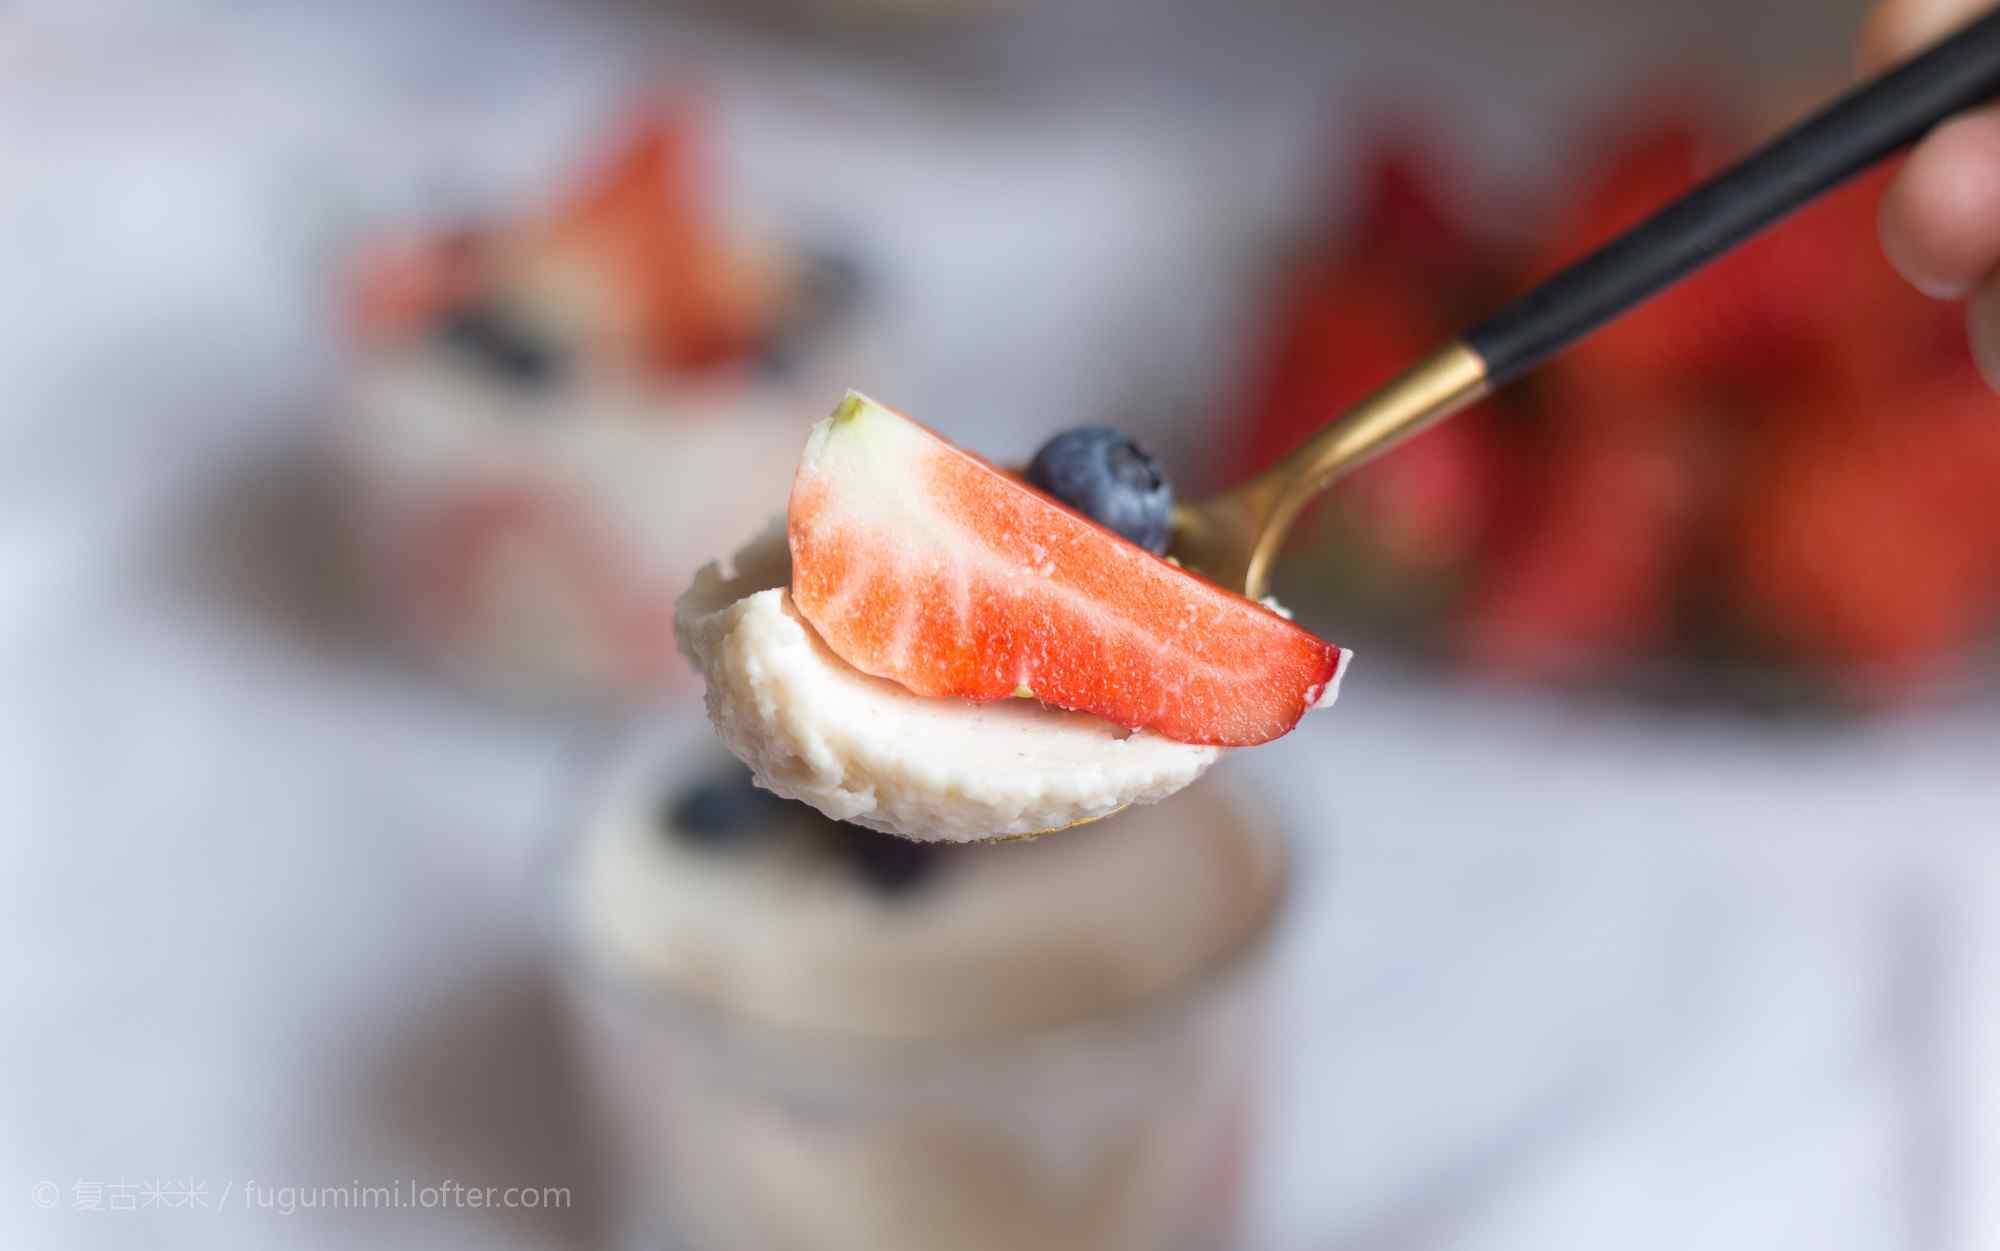 唯美好吃草莓蛋糕桌面壁纸